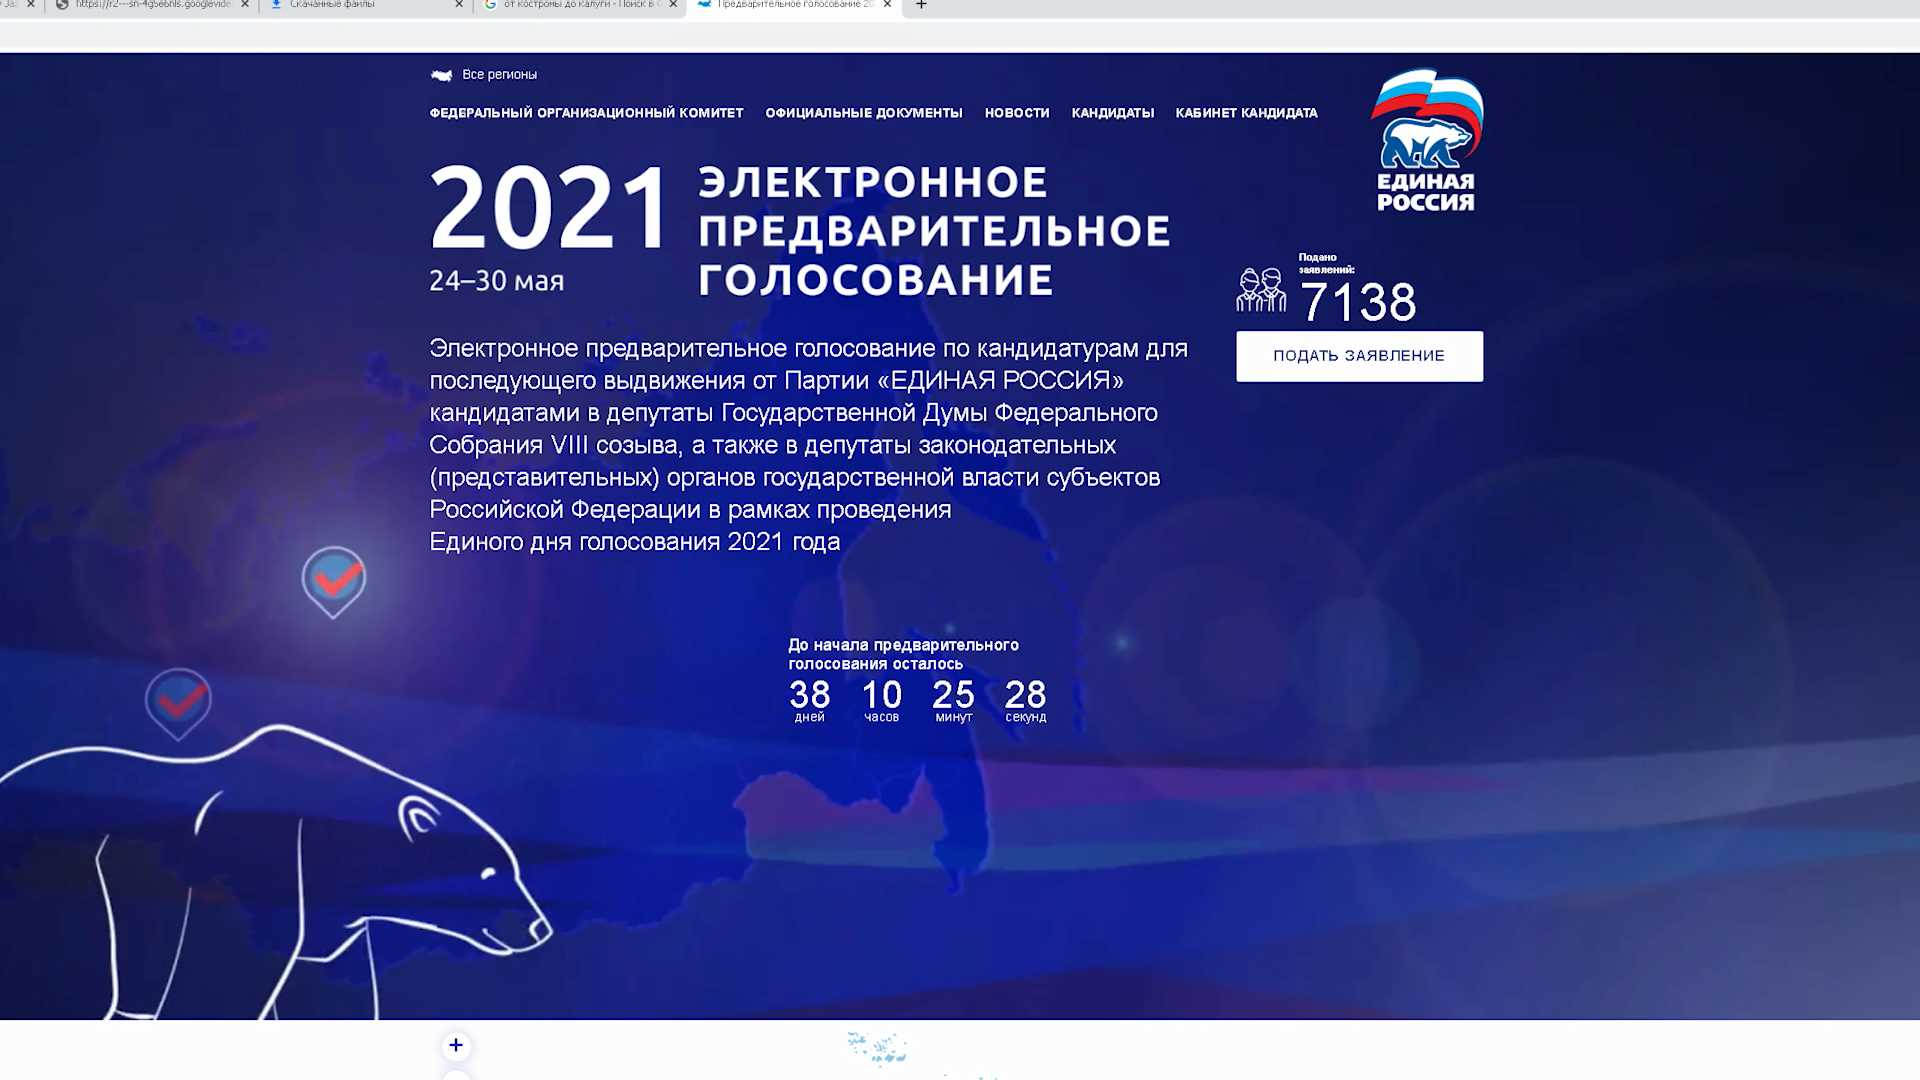 Костромичи помогут выбрать достойных кандидатов на выборы